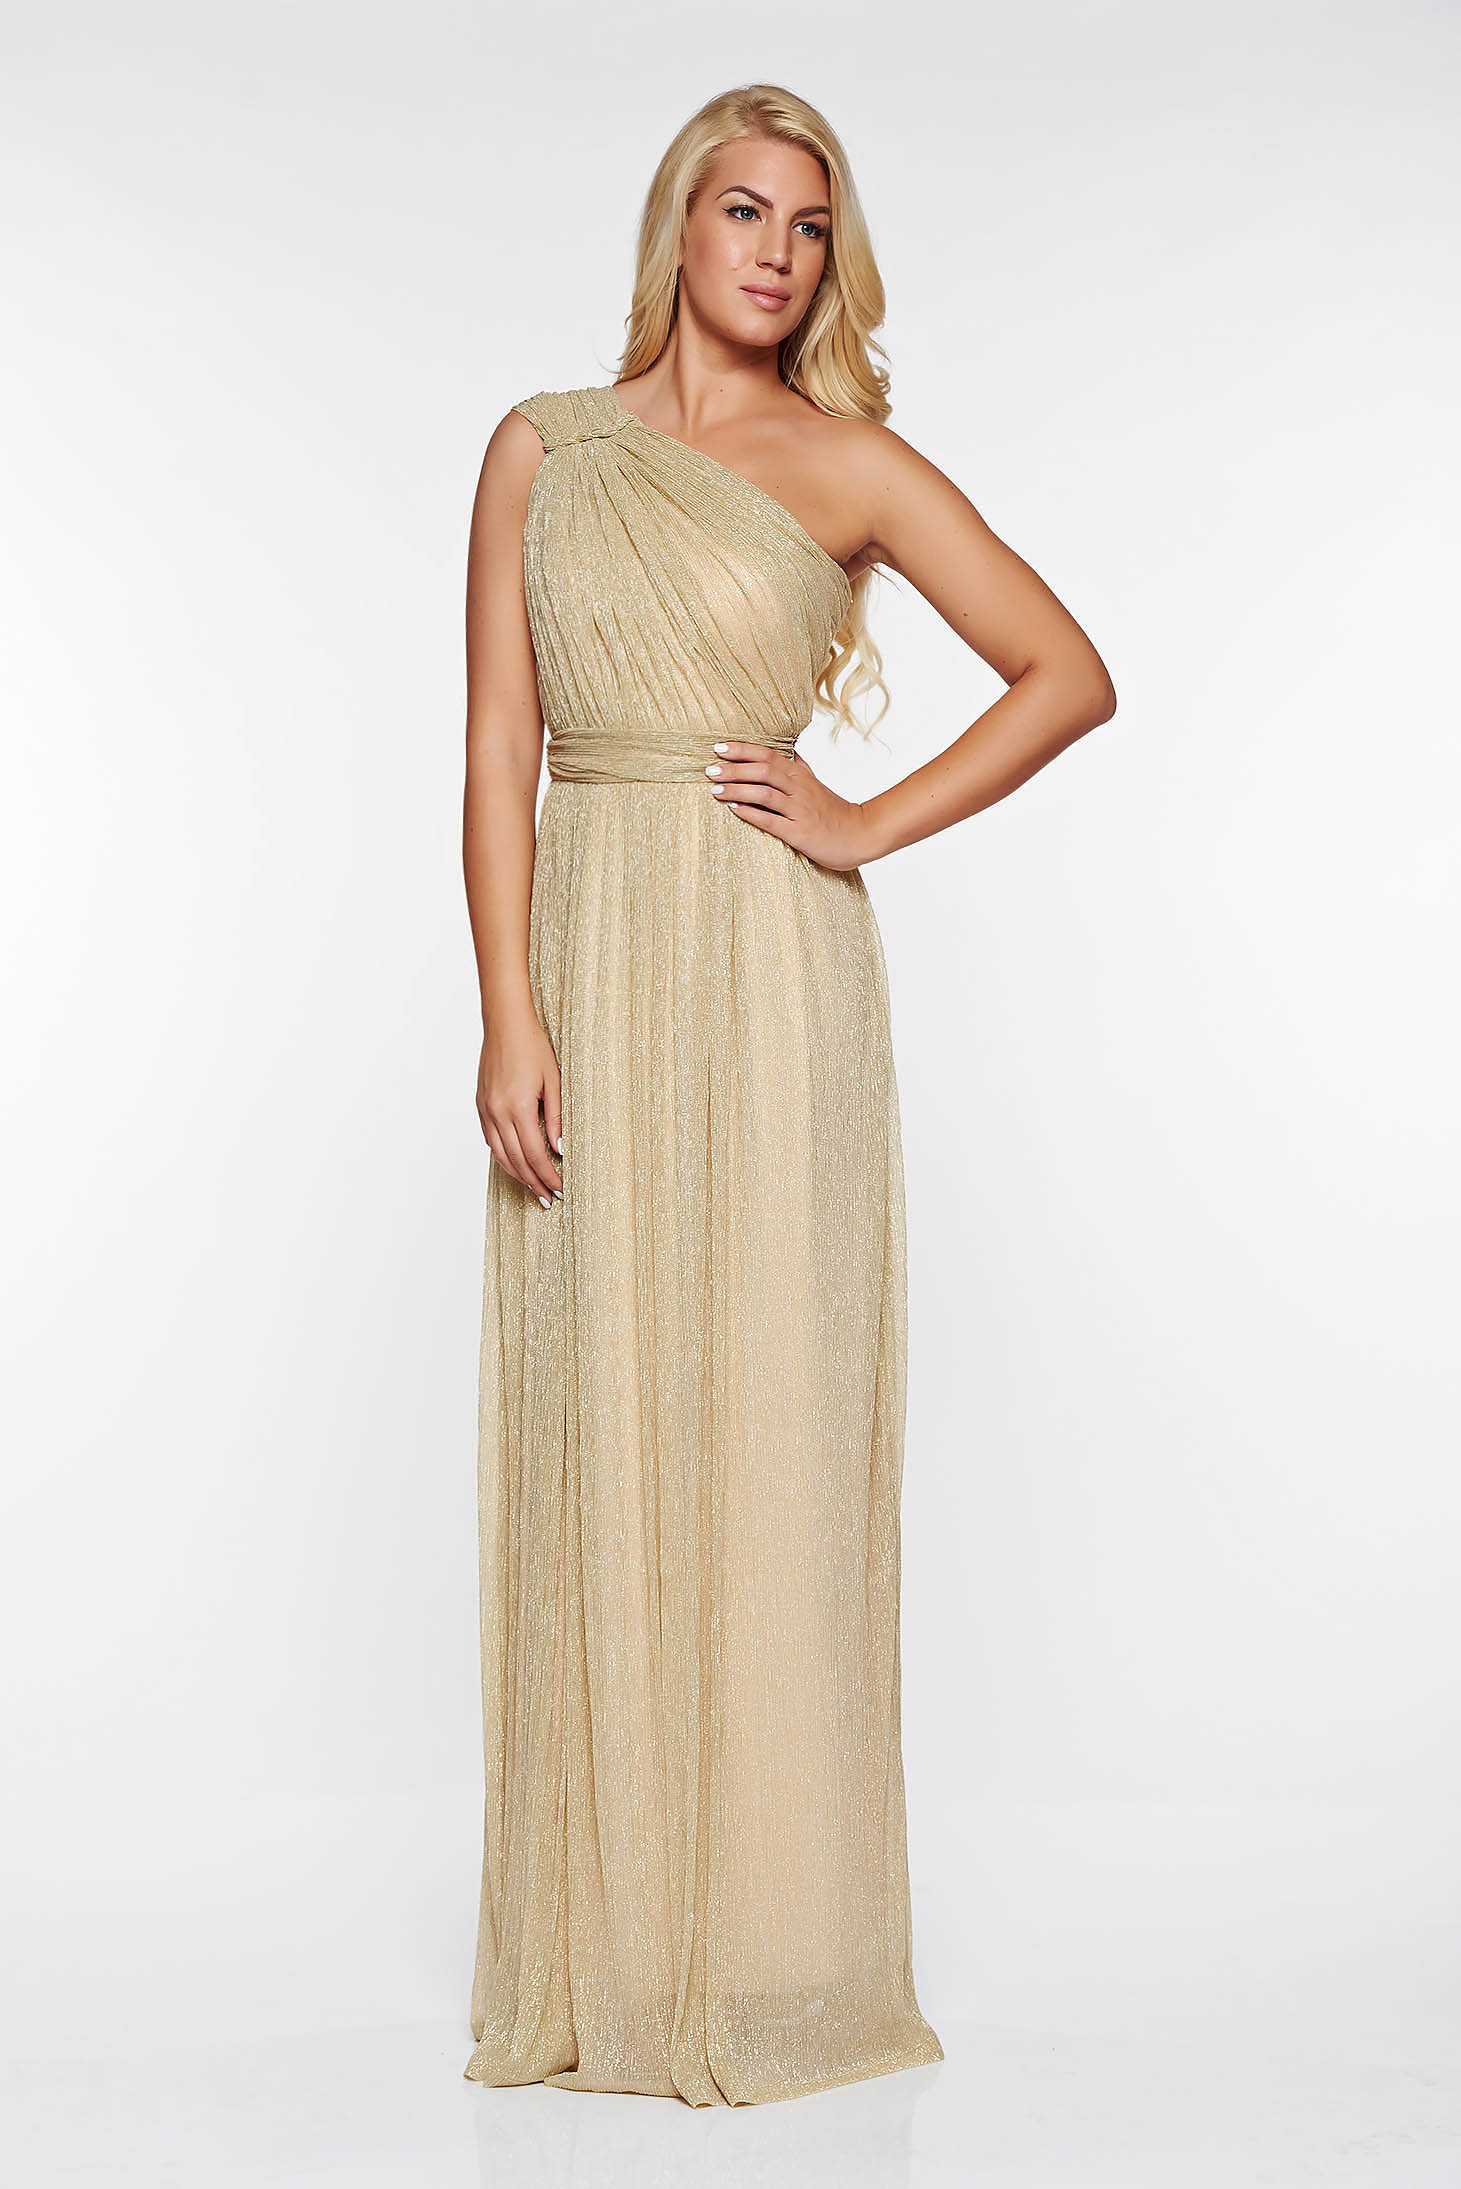 Arany LaDonna alkalmi ruha áttetsző anyag rakott lamé szál belső béléssel 919f5395f7